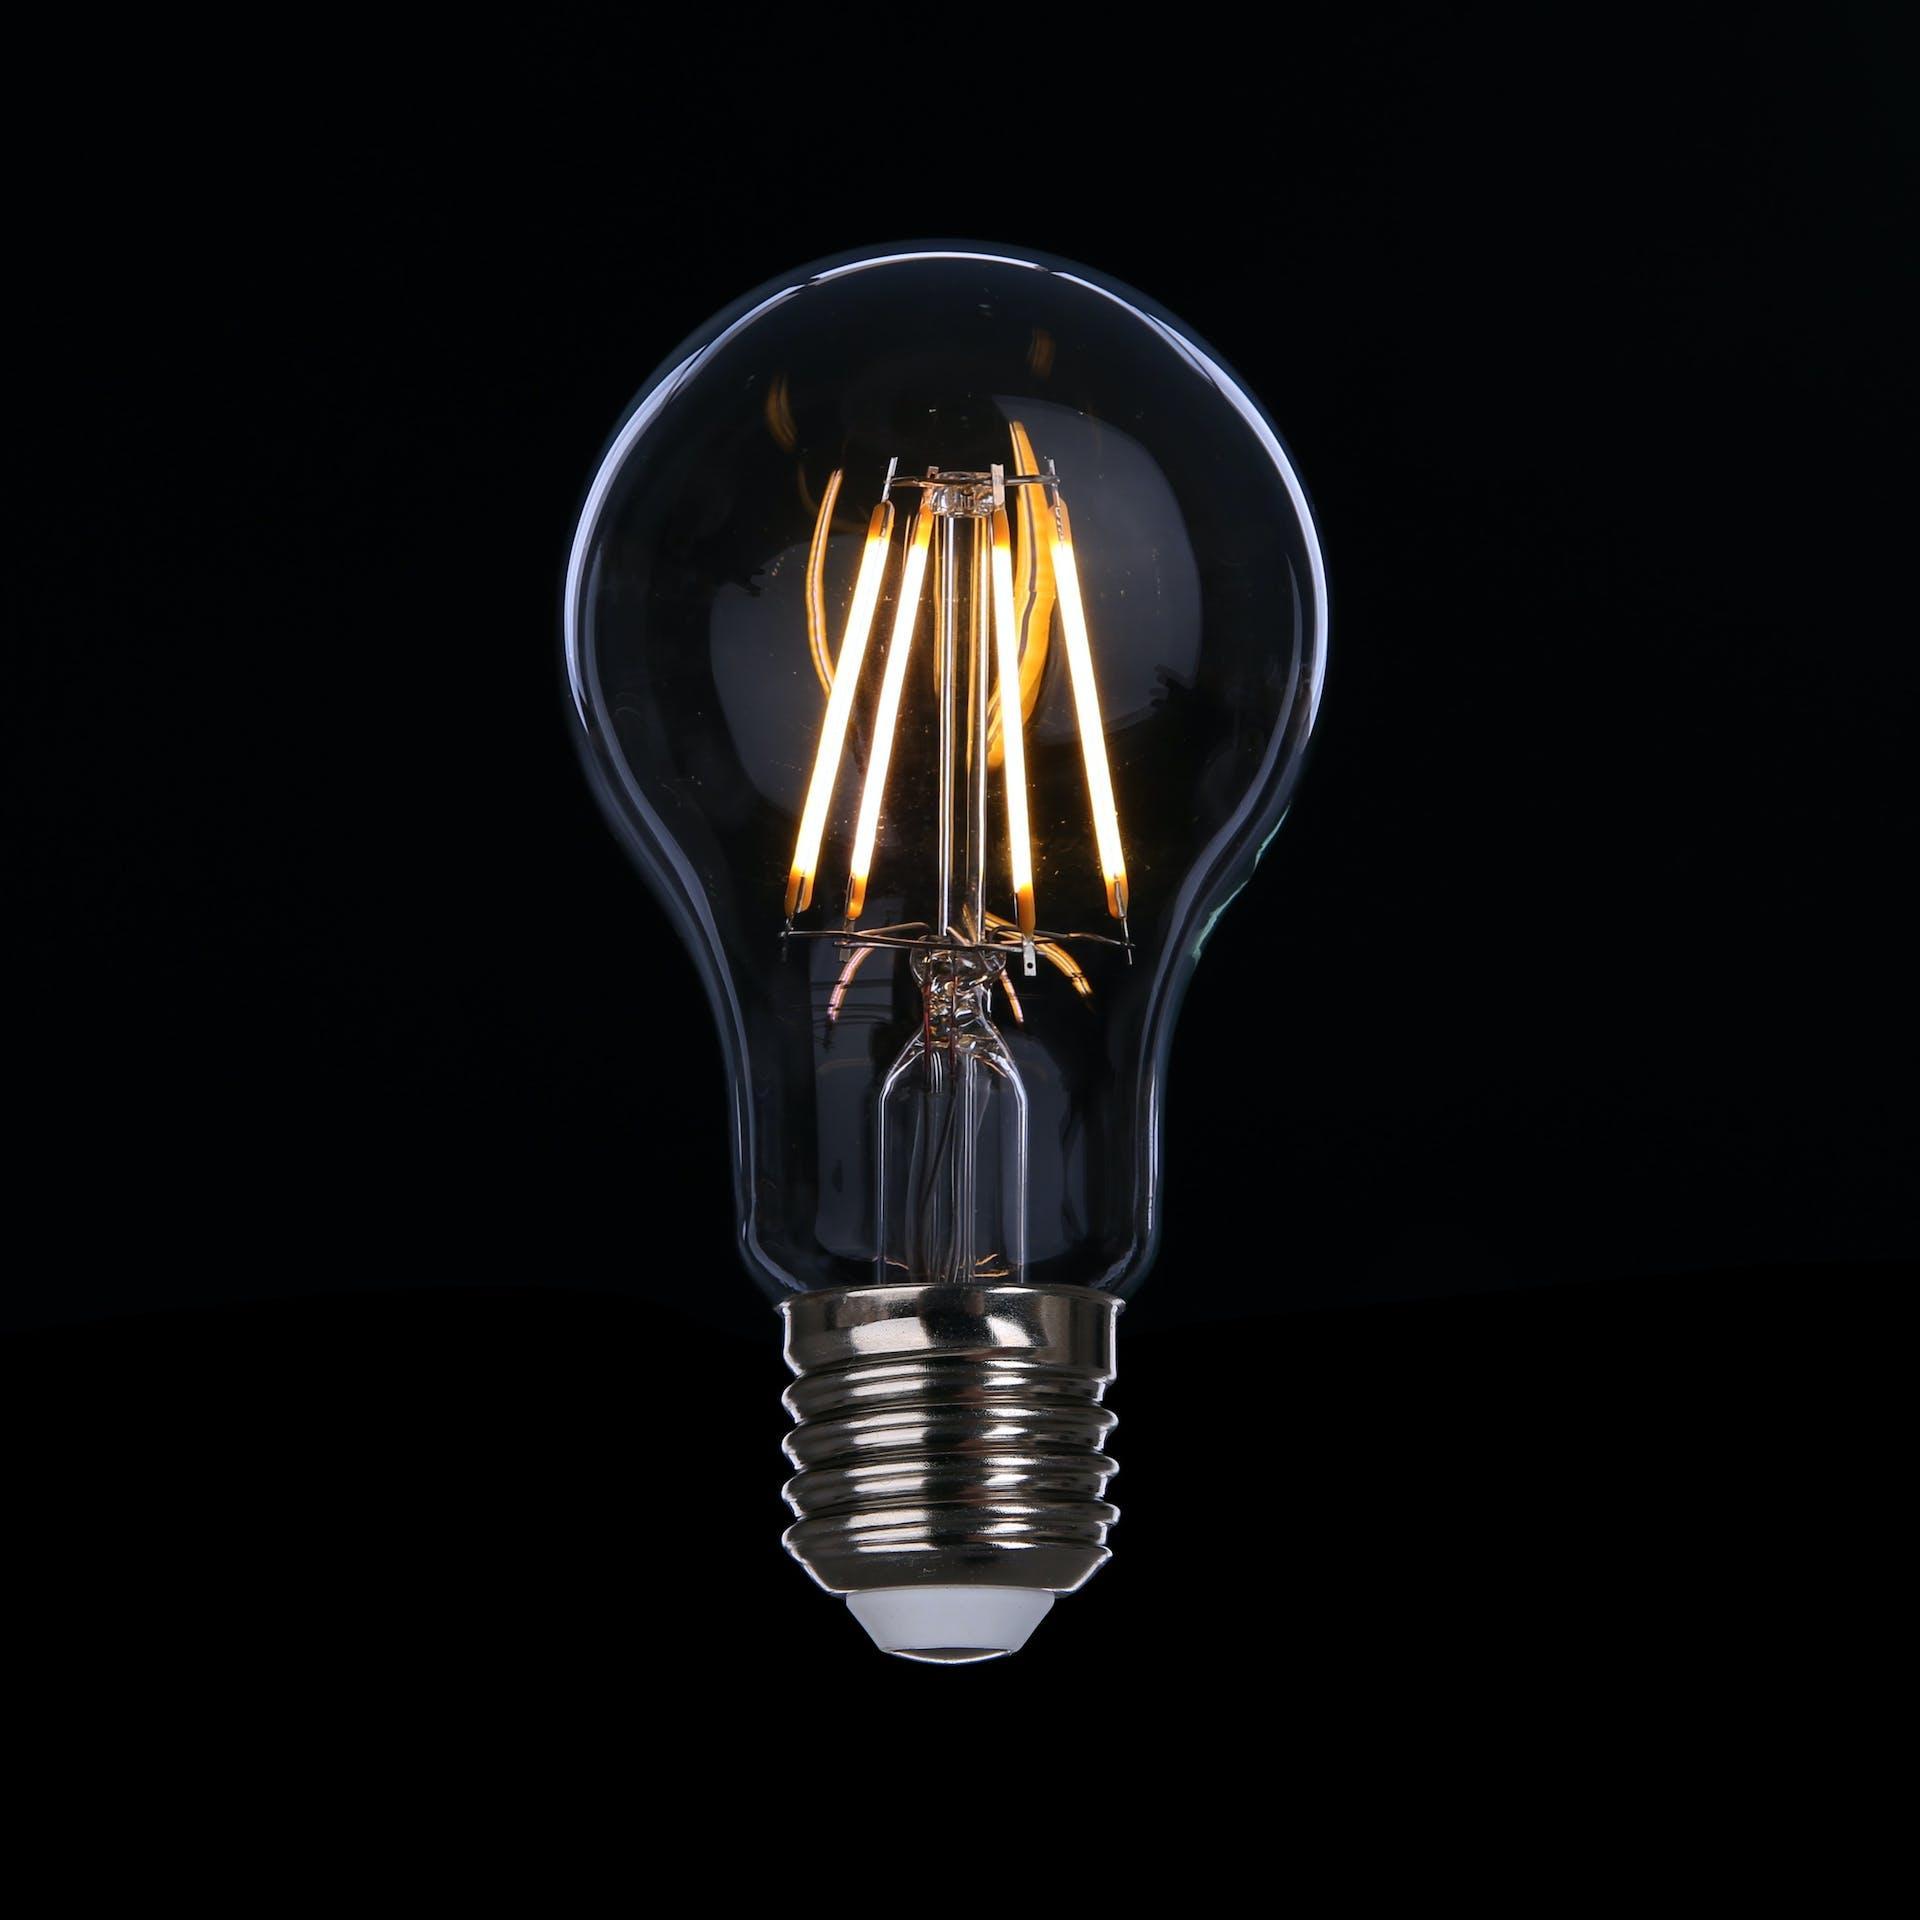 La pregunta del millón: ¿Cuál es la mejor luz para estudiar?